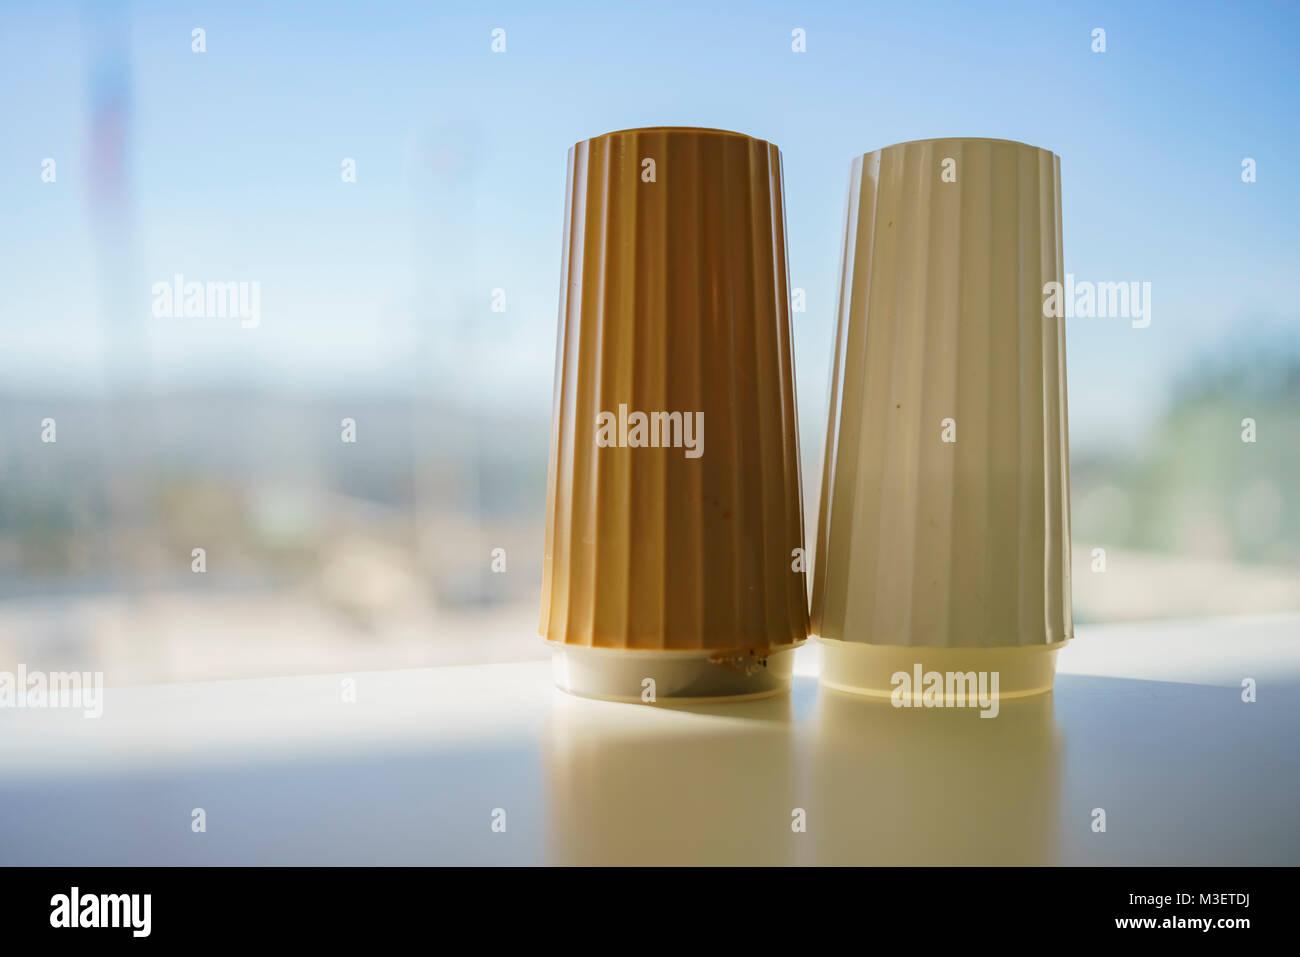 Due lattine di stagionatura sedersi sul tavolo, visto a Los Angeles Immagini Stock